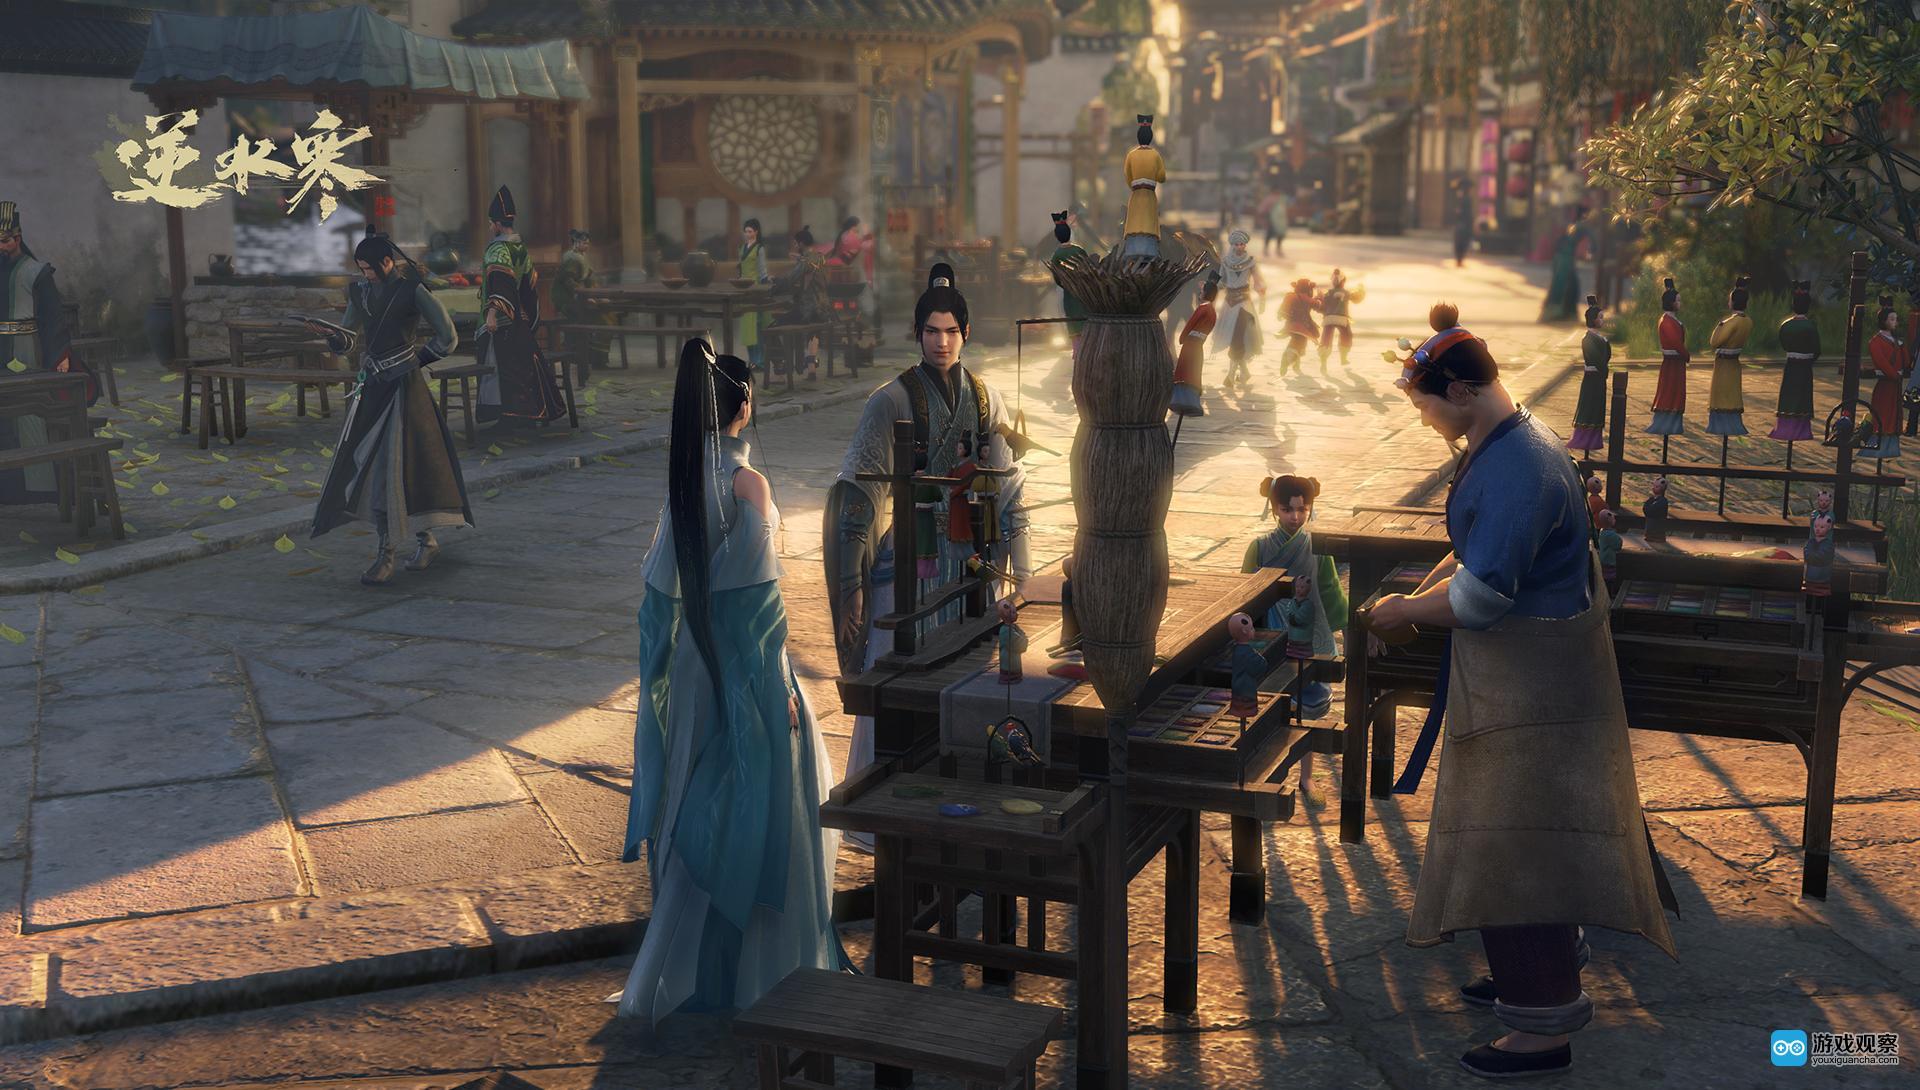 《逆水寒》将推出番外动画 人物设定草图公布